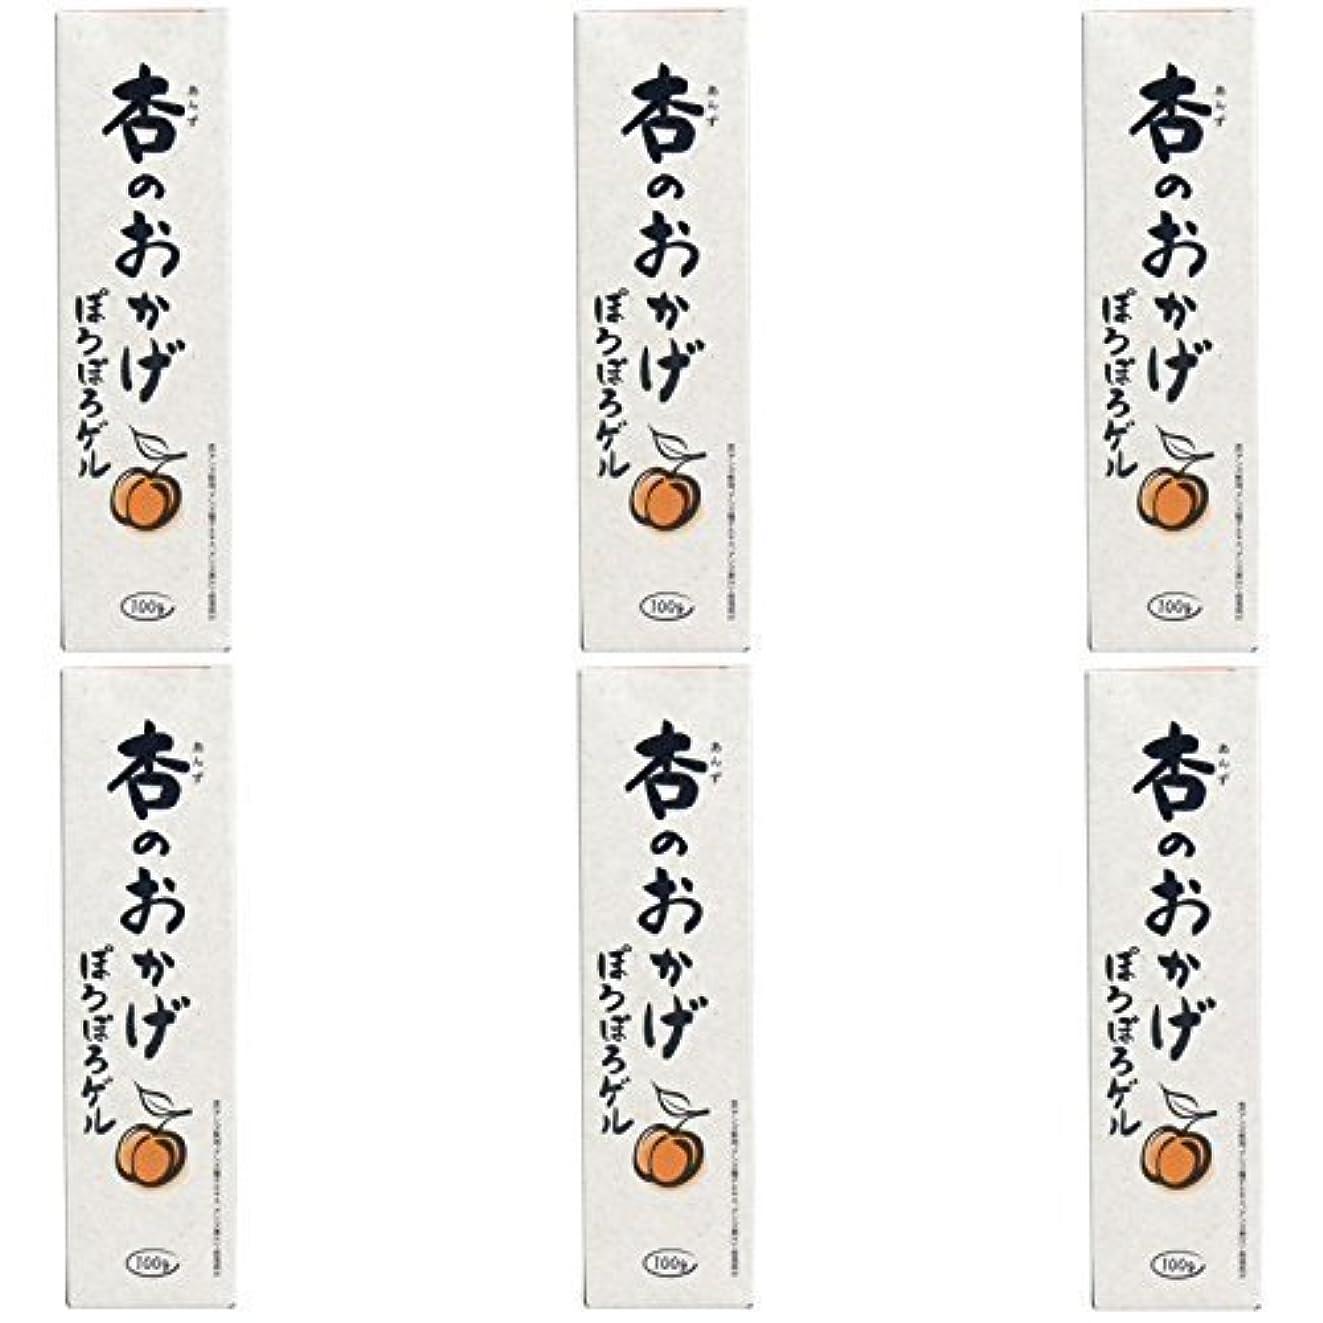 熟読コジオスコそれる【まとめ買い】杏のおかげ ぽろぽろゲル 100g【×6個】